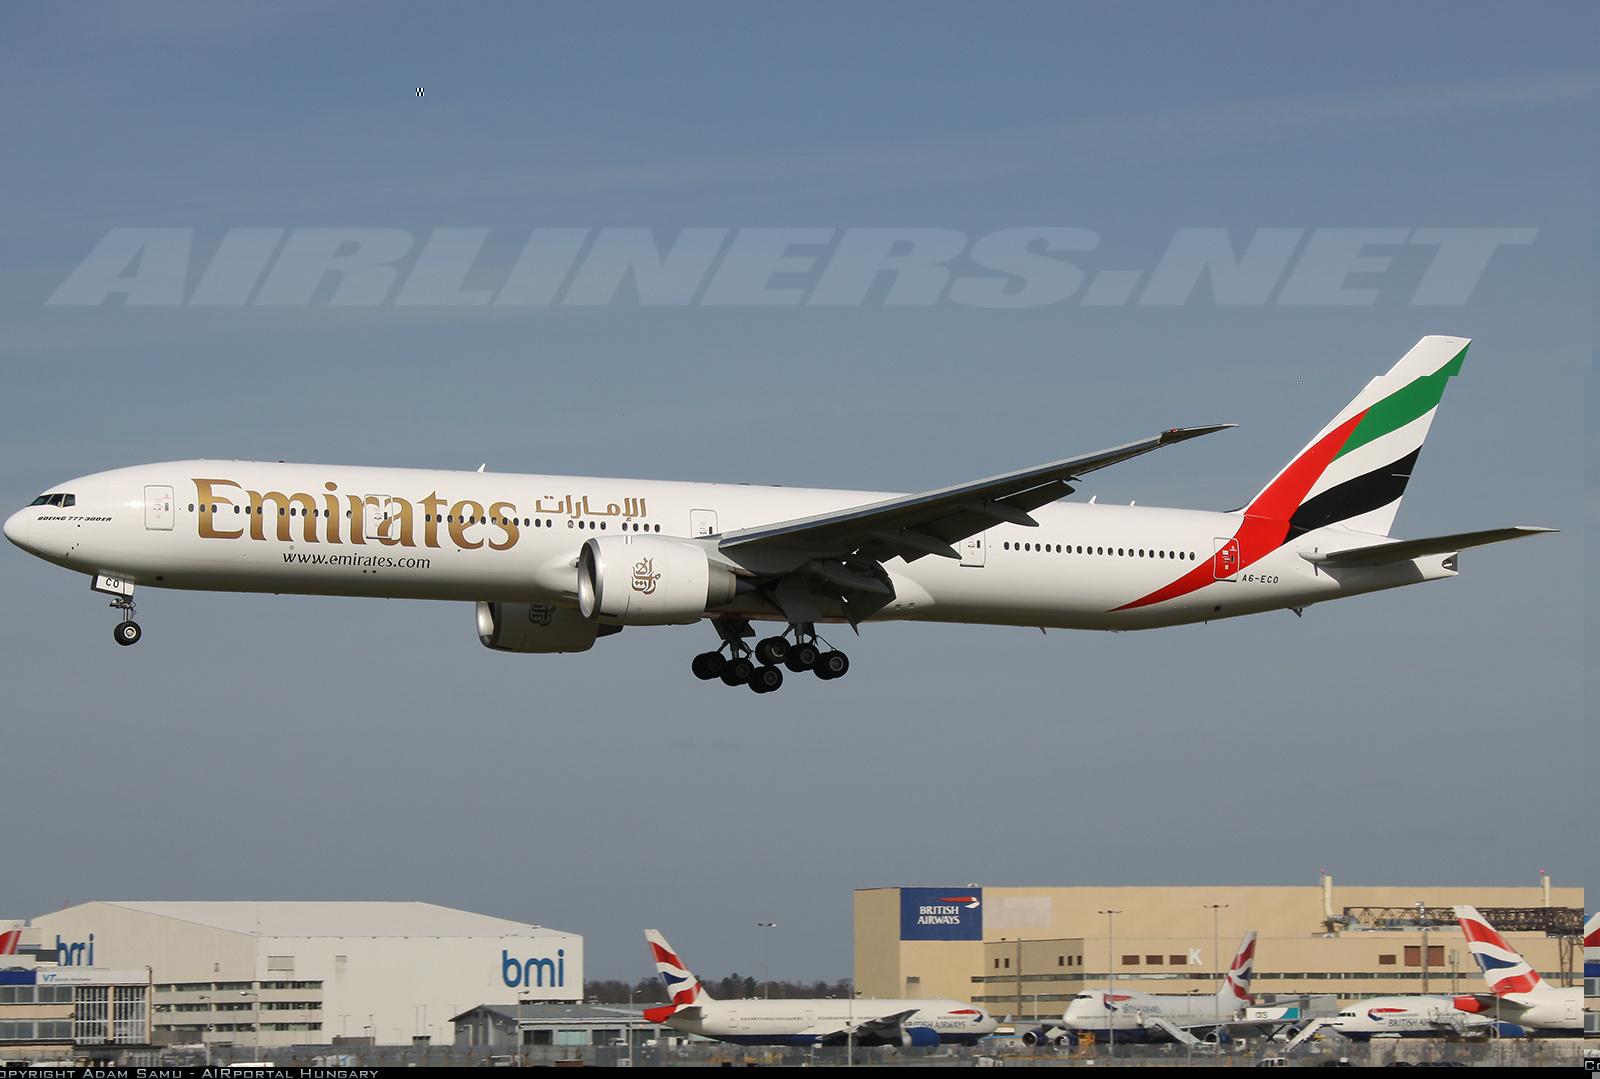 طيران الإمارات تعتزم إضافة ناقلة جديدة إلى تنزانيا